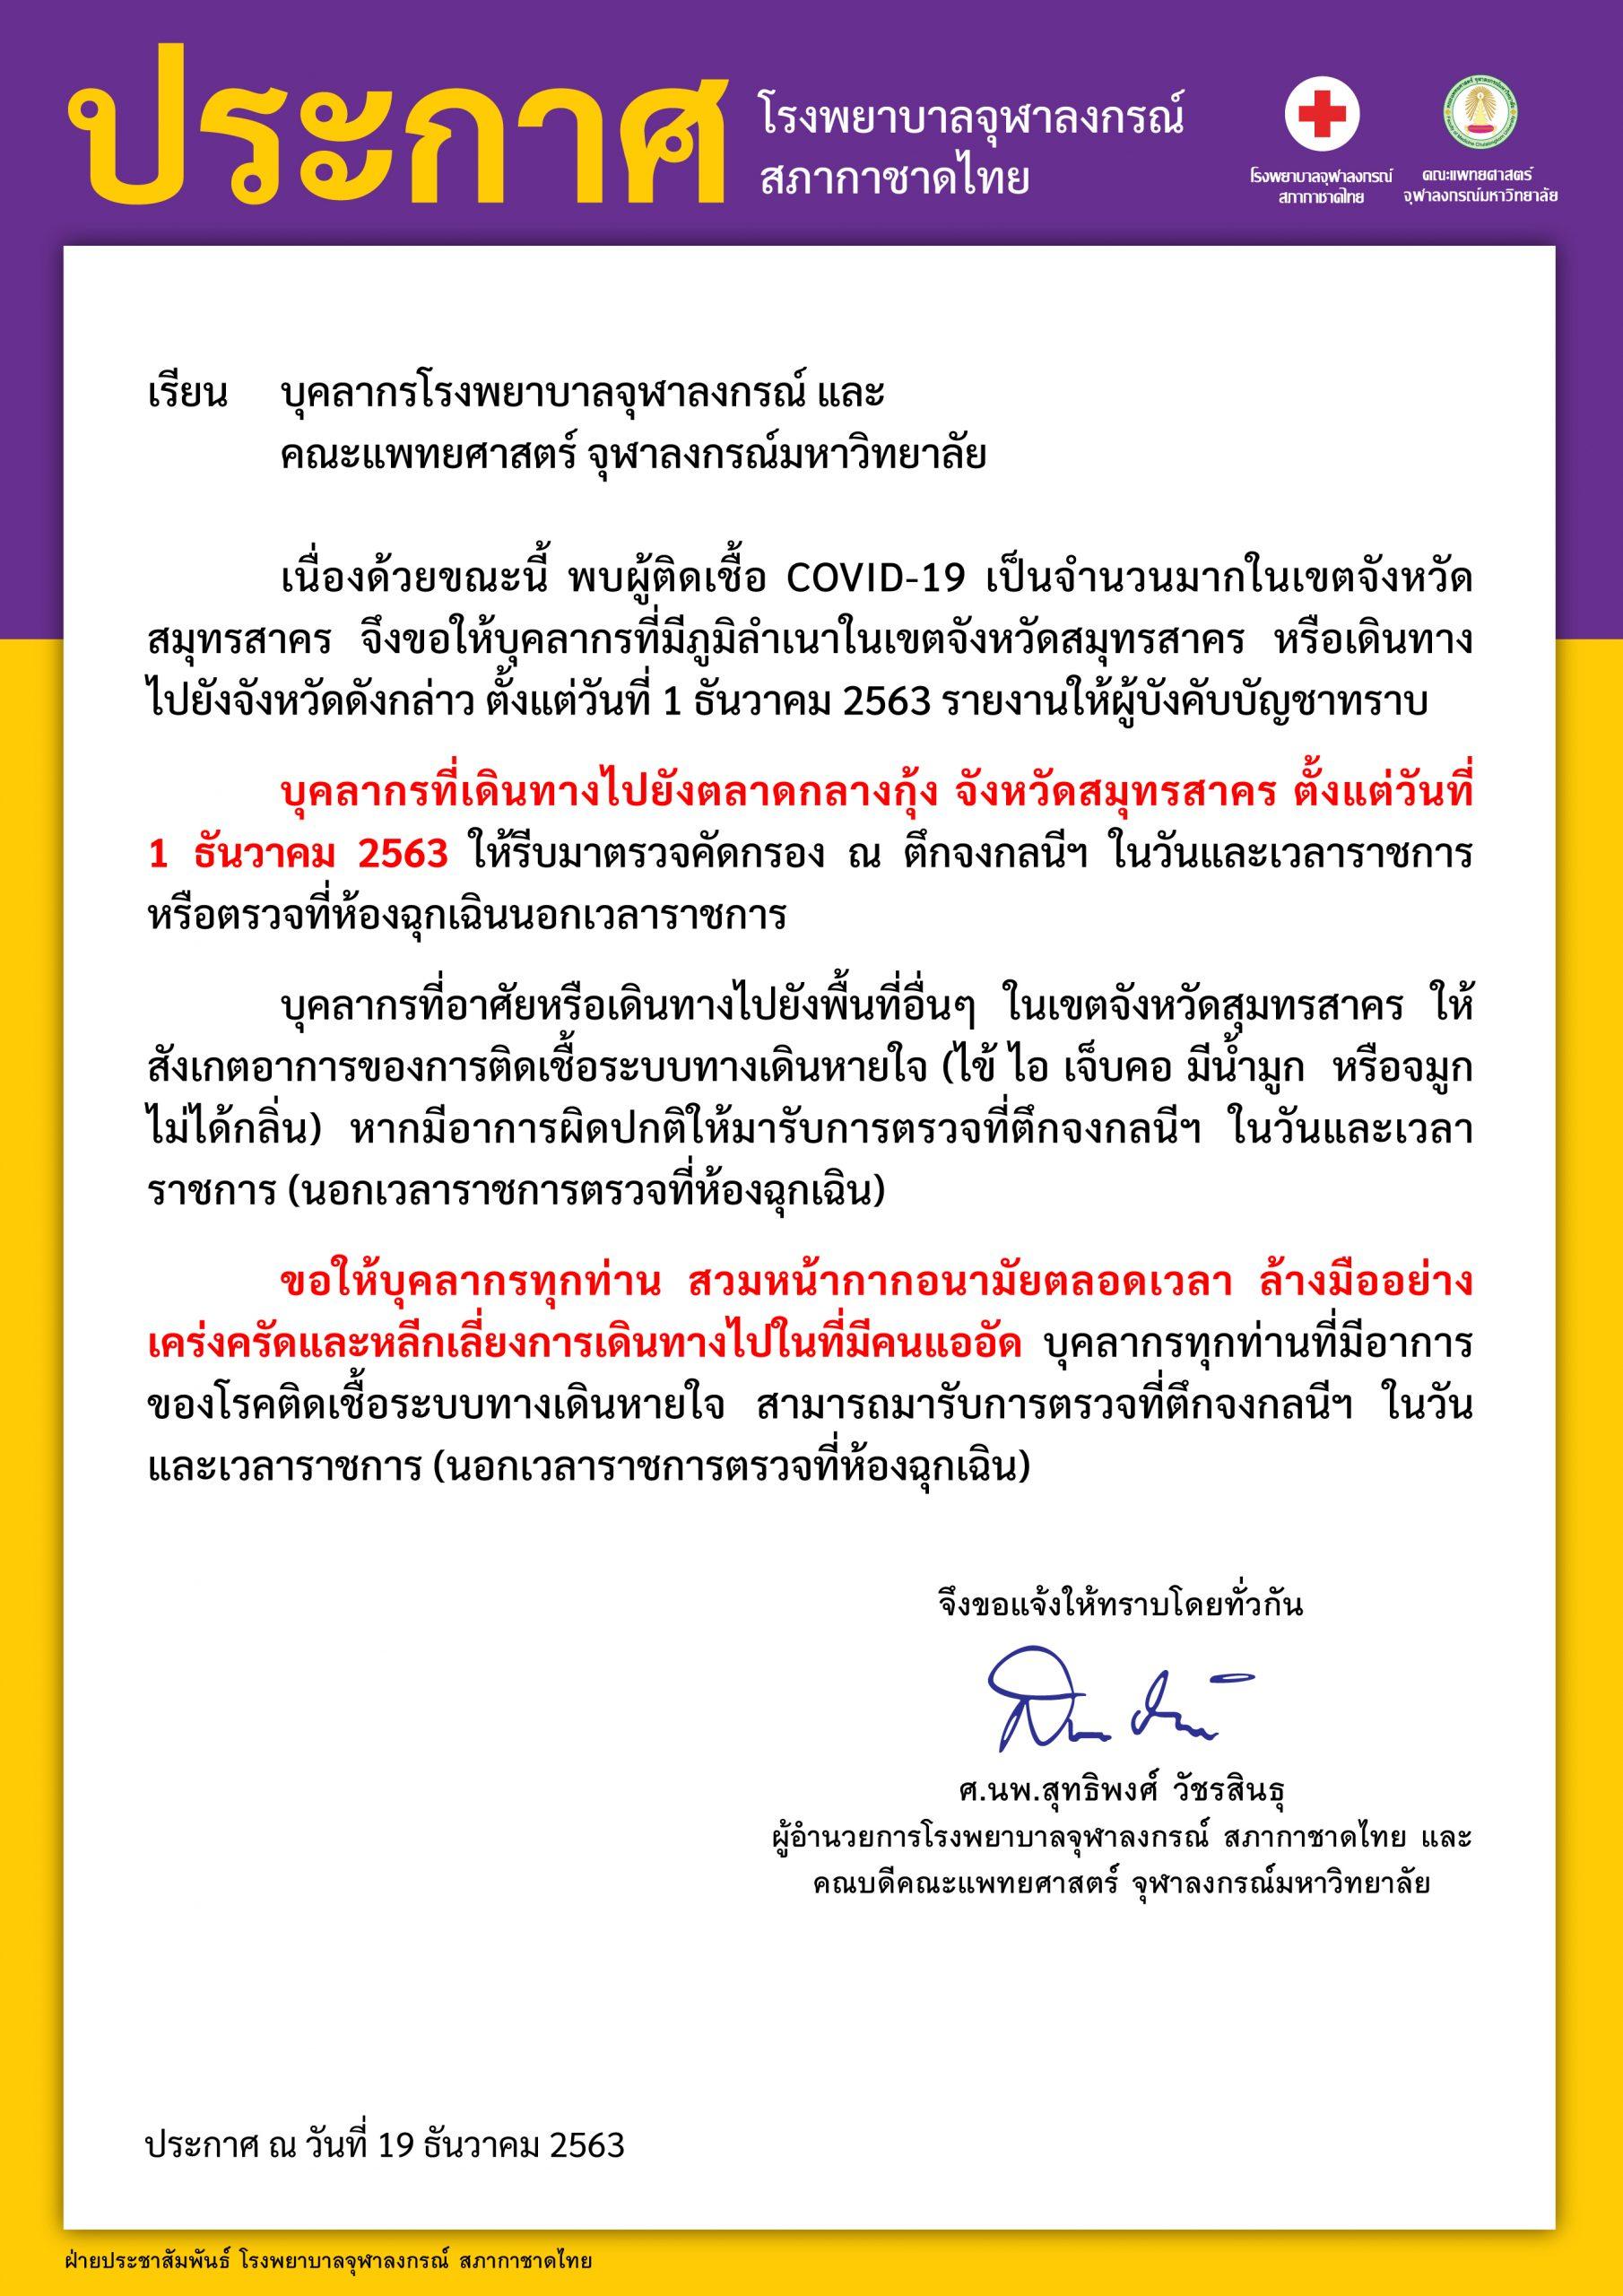 ประกาศโรงพยาบาลจุฬาลงกรณ์ สภากาชาดไทย